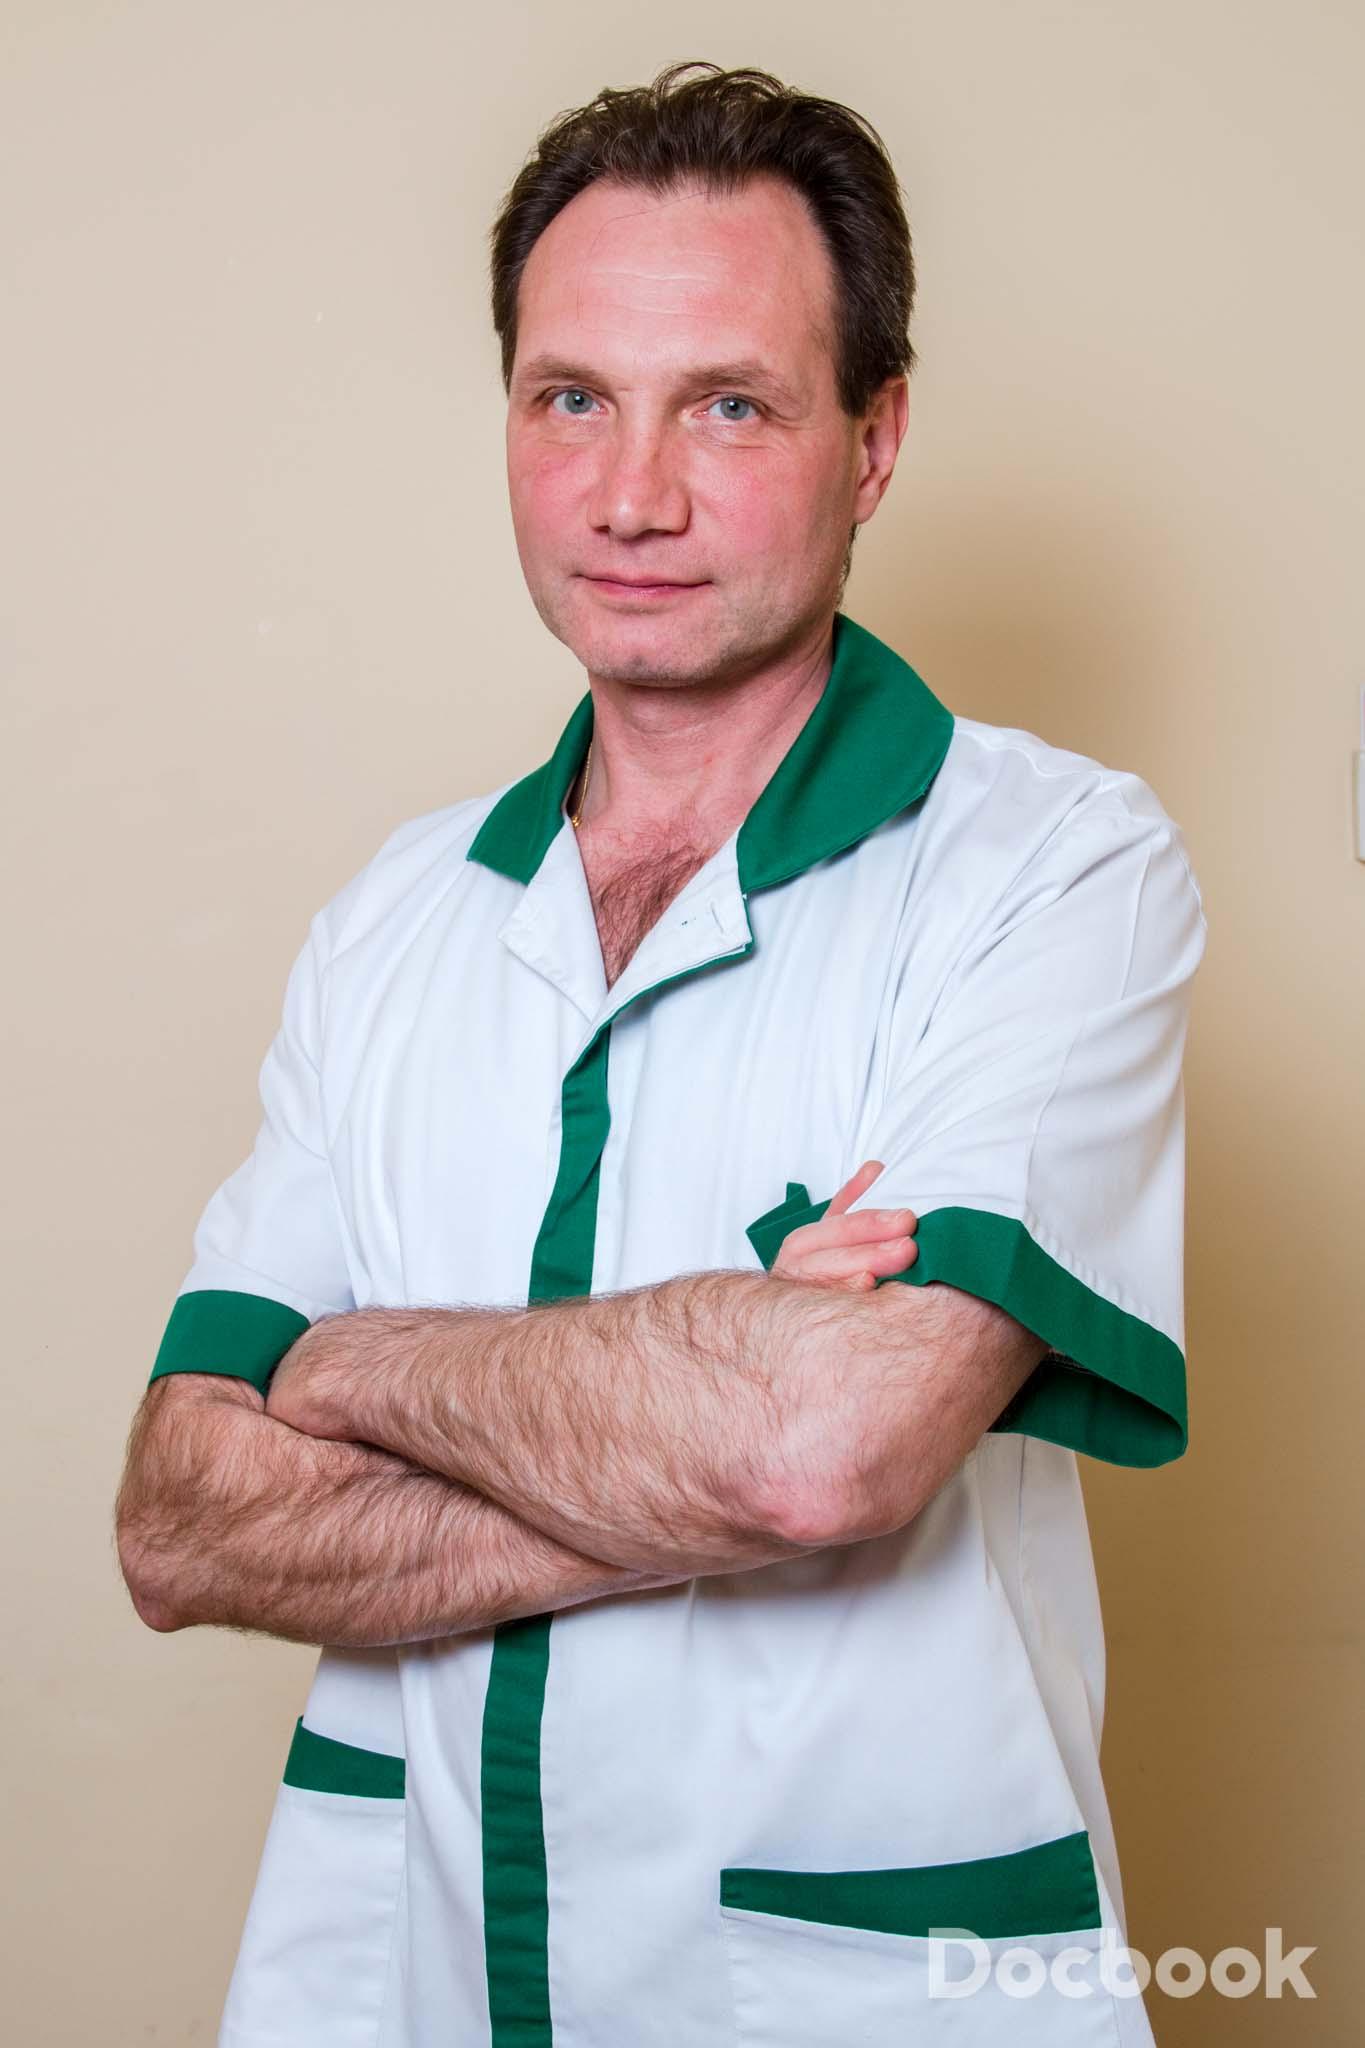 Dr. Predescu Radu